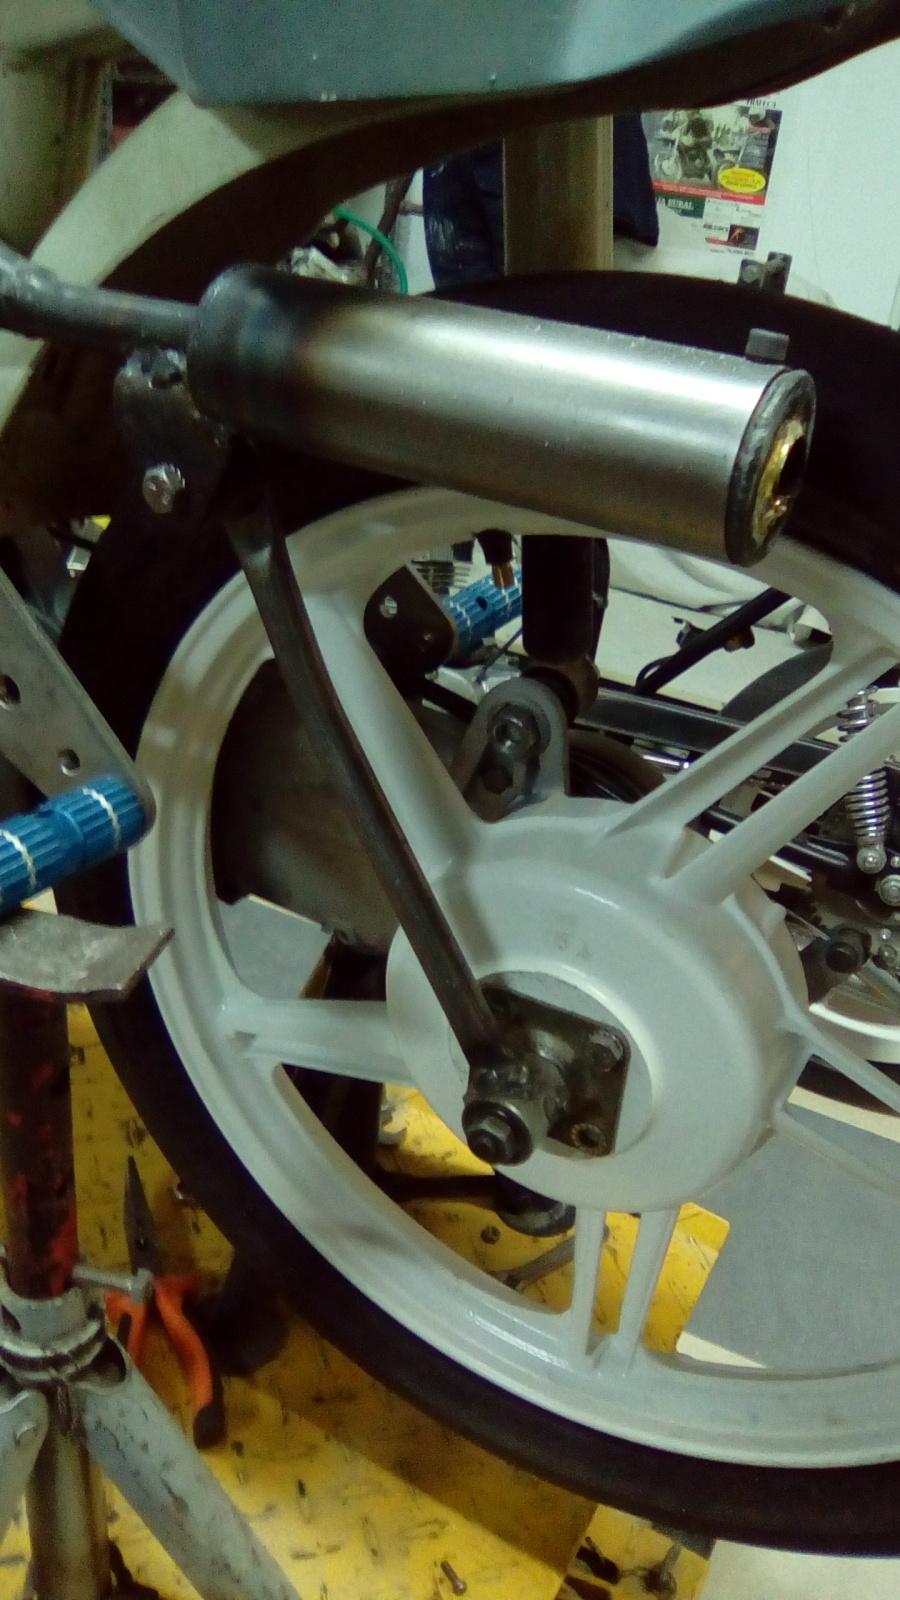 Proyecto Vespino de 65 cc. de Velocidad. - Página 2 2dqt7c5